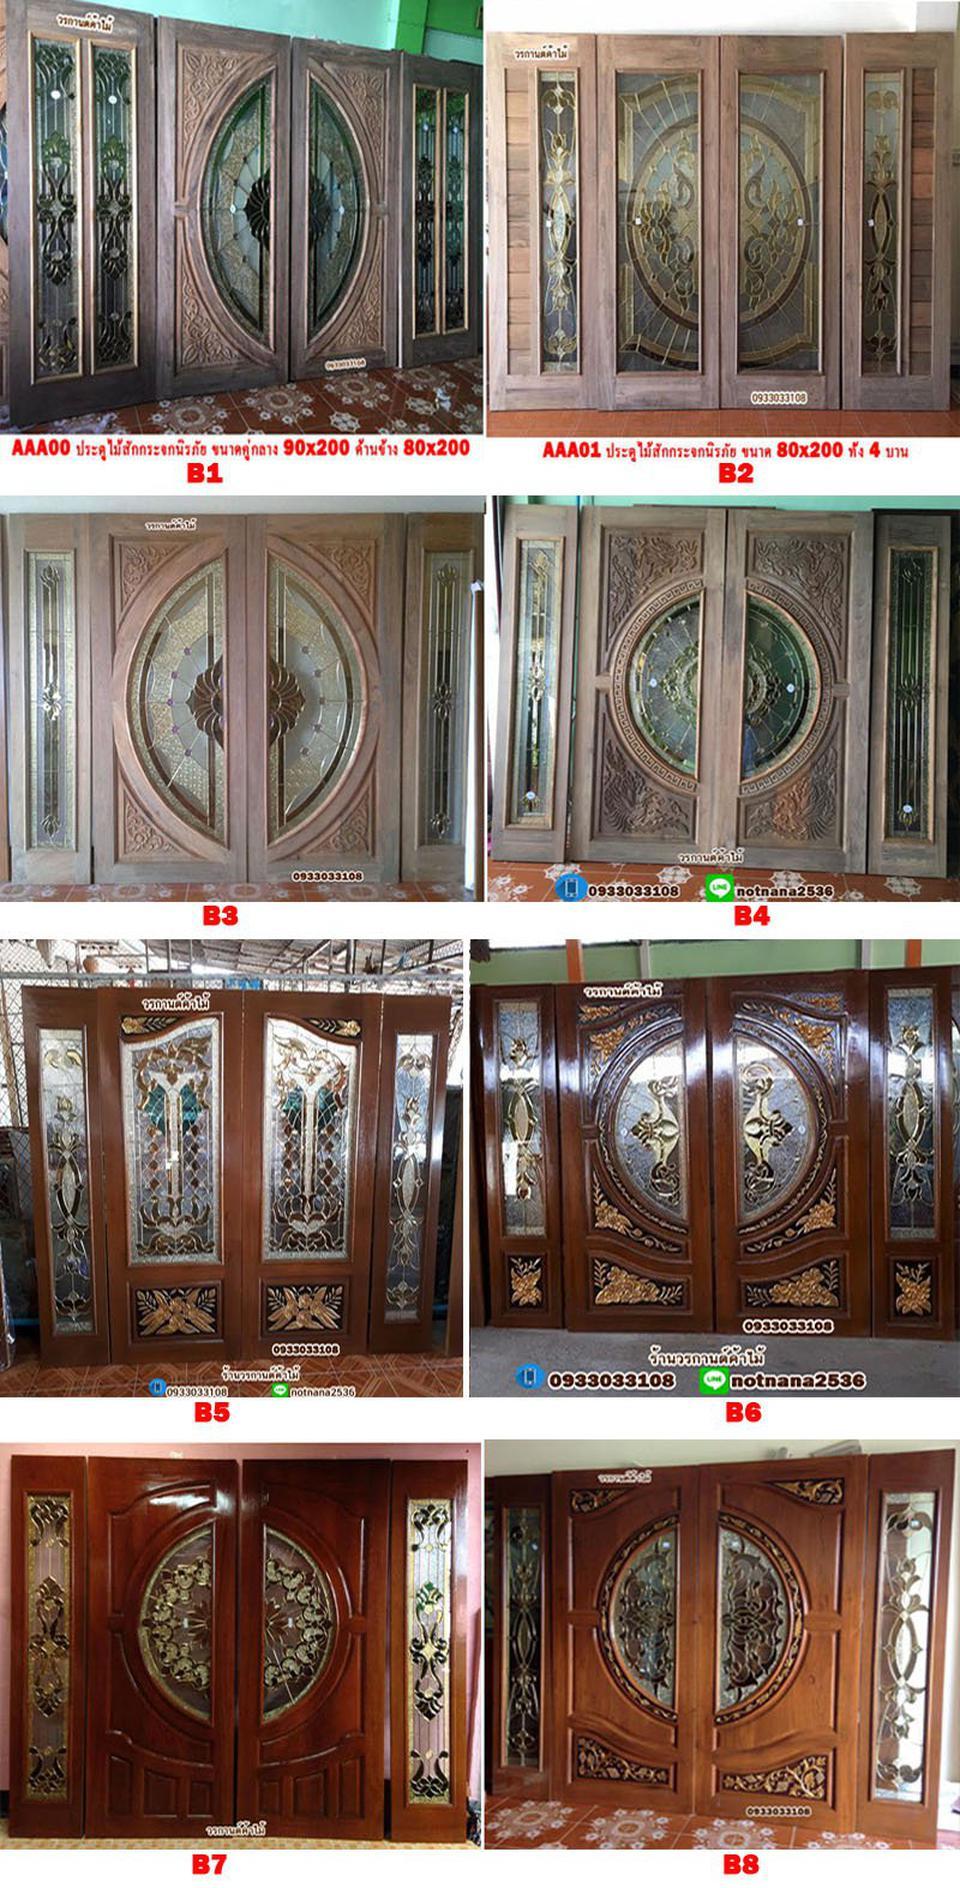 ร้านวรกานต์ค้าไม้ จำหน่าย ประตูไม้สักบานคู่กระจกนิรภัย ประตูไม้สักบานคู่ ประตูไม้สักบานเดี่ยว ทั้งปลีกและส่ง รูปที่ 4